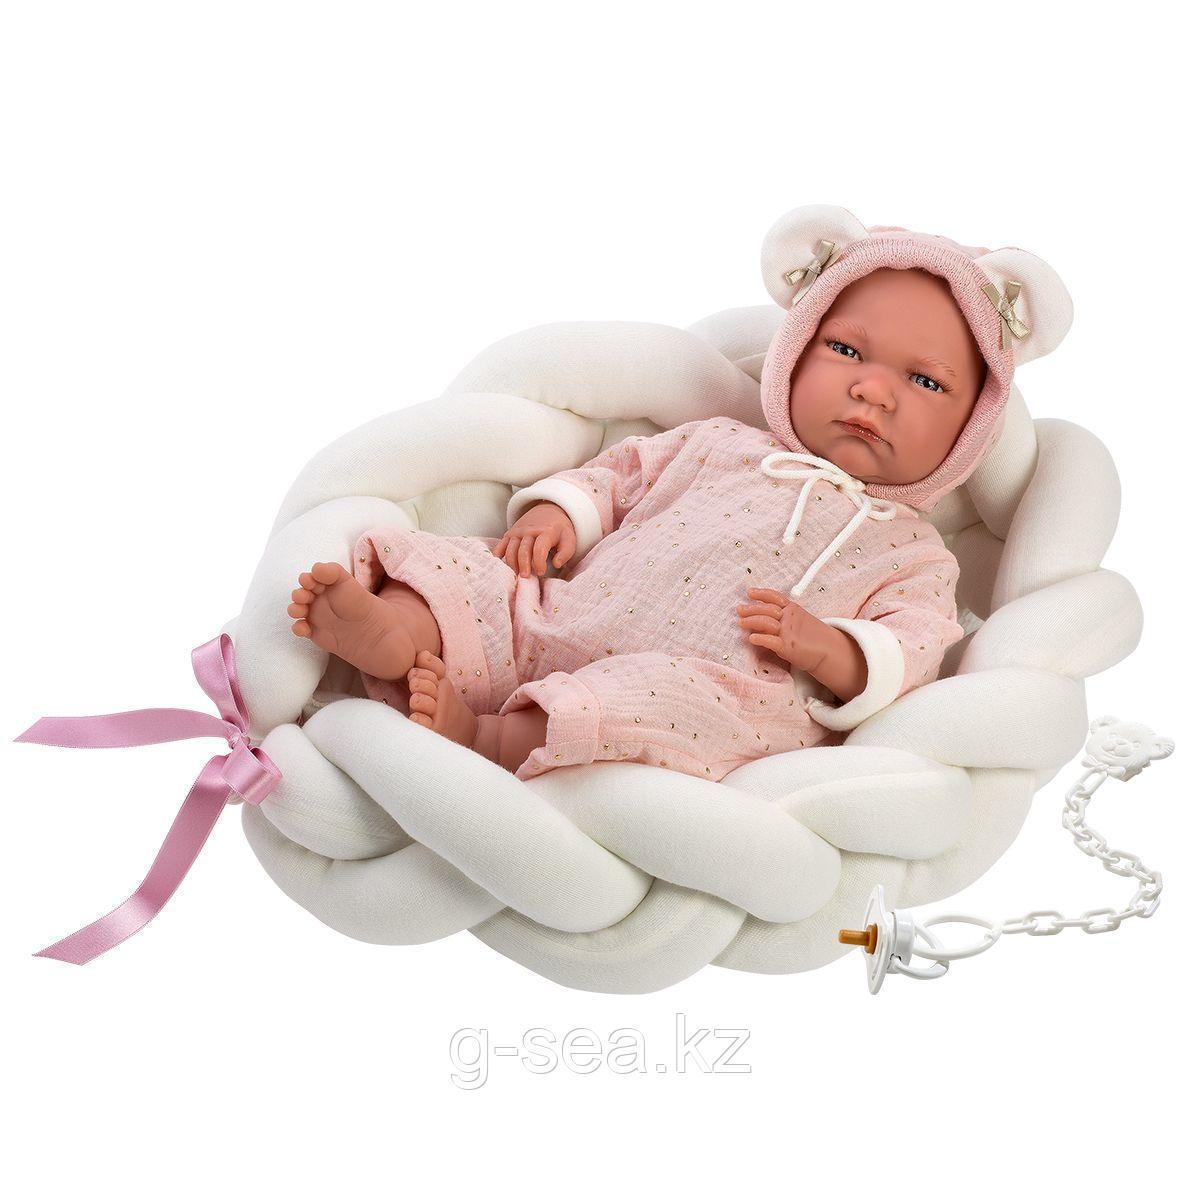 LLORENS: Пупс Малышка 42 см., с колыбелькой в розовом